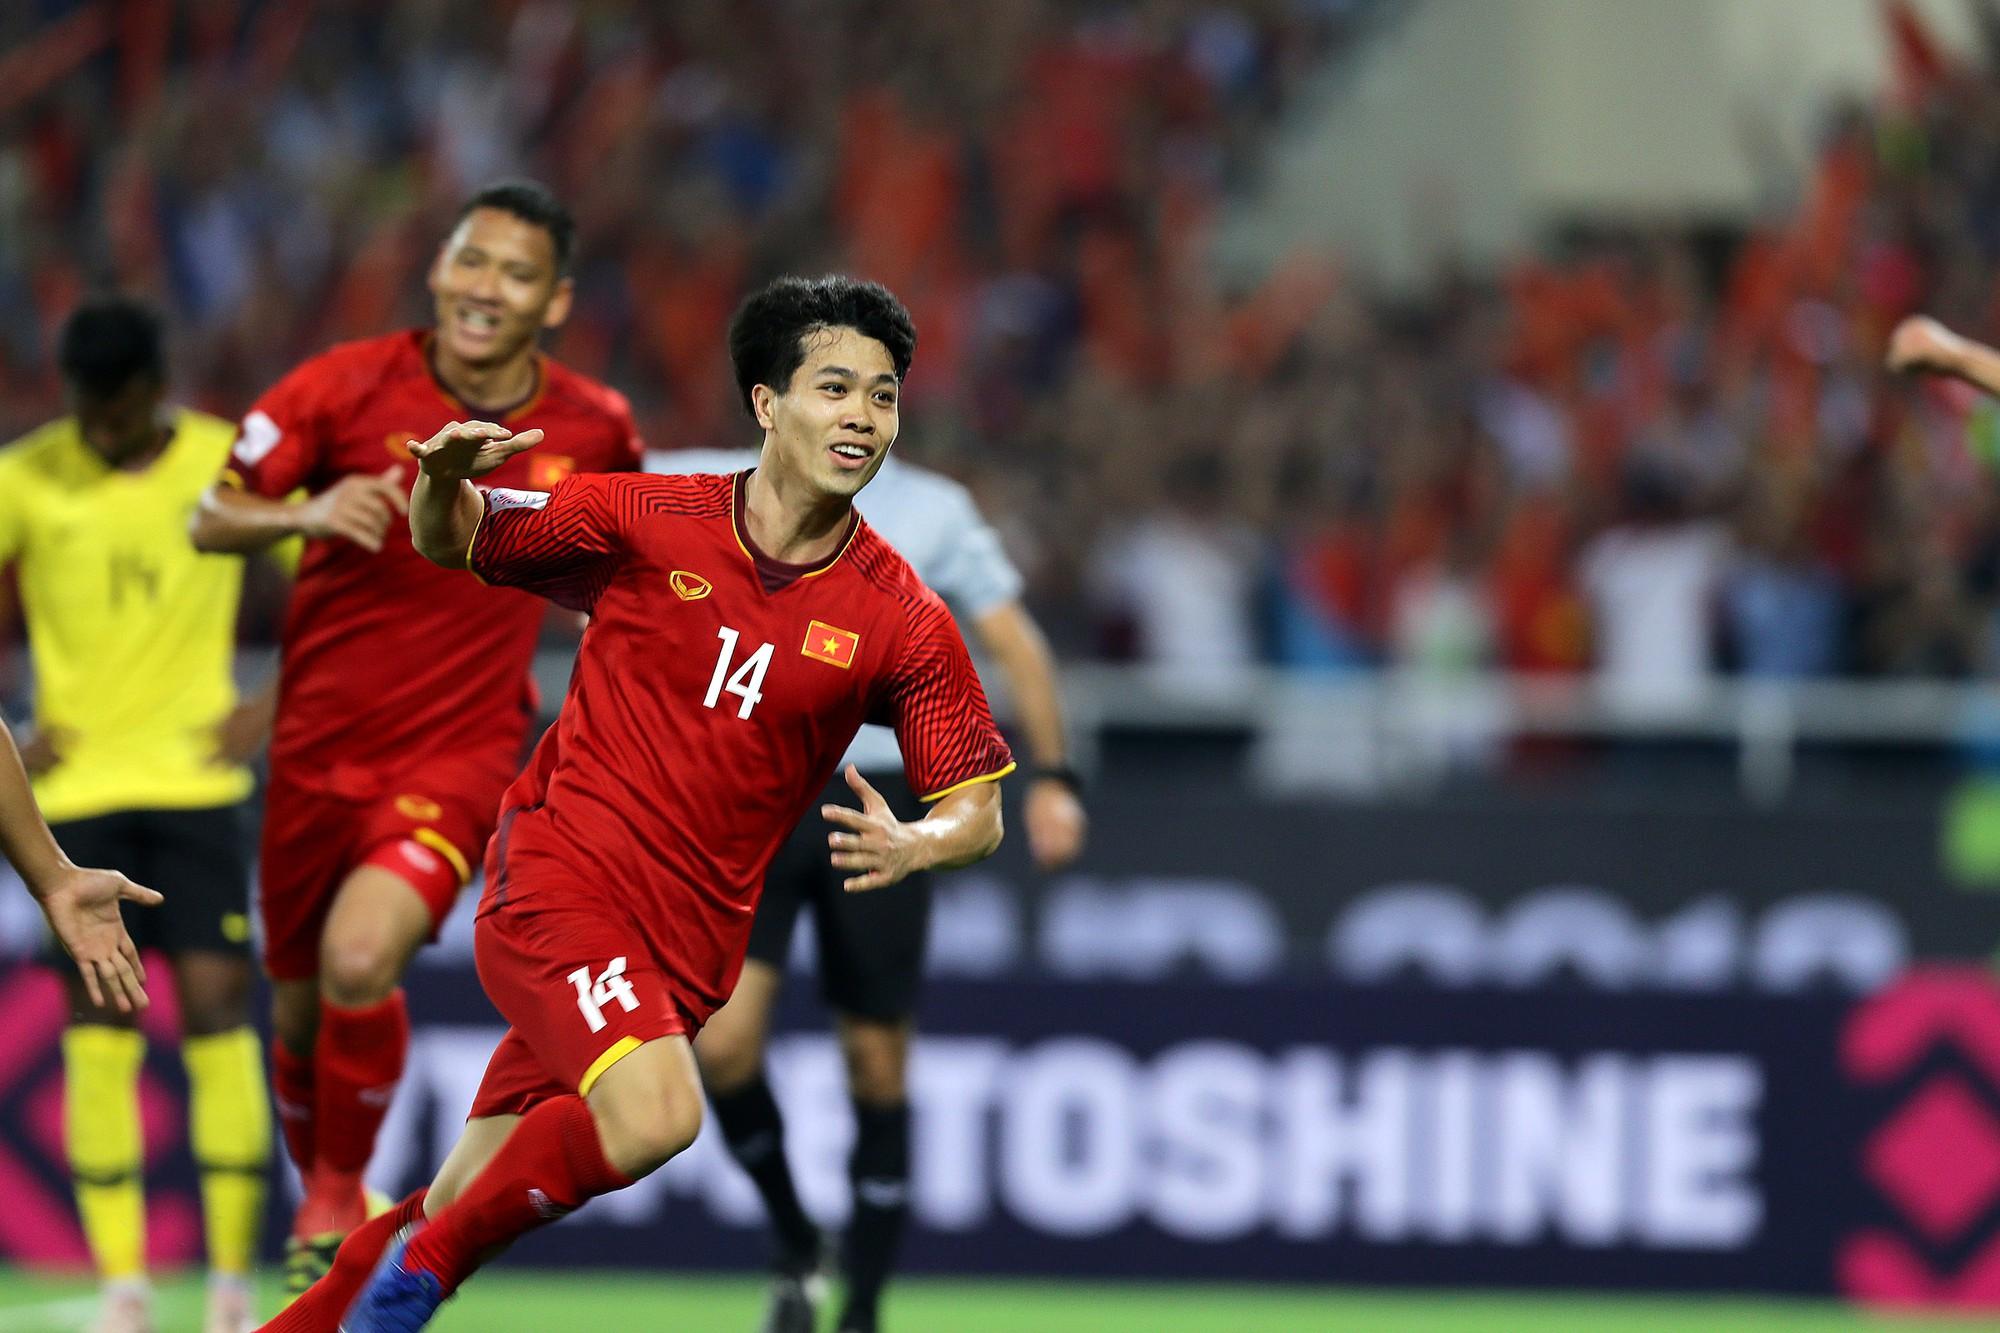 Tuyển Việt Nam có lợi như thế nào nếu đứng nhất bảng AFF Cup 2018? - Ảnh 2.